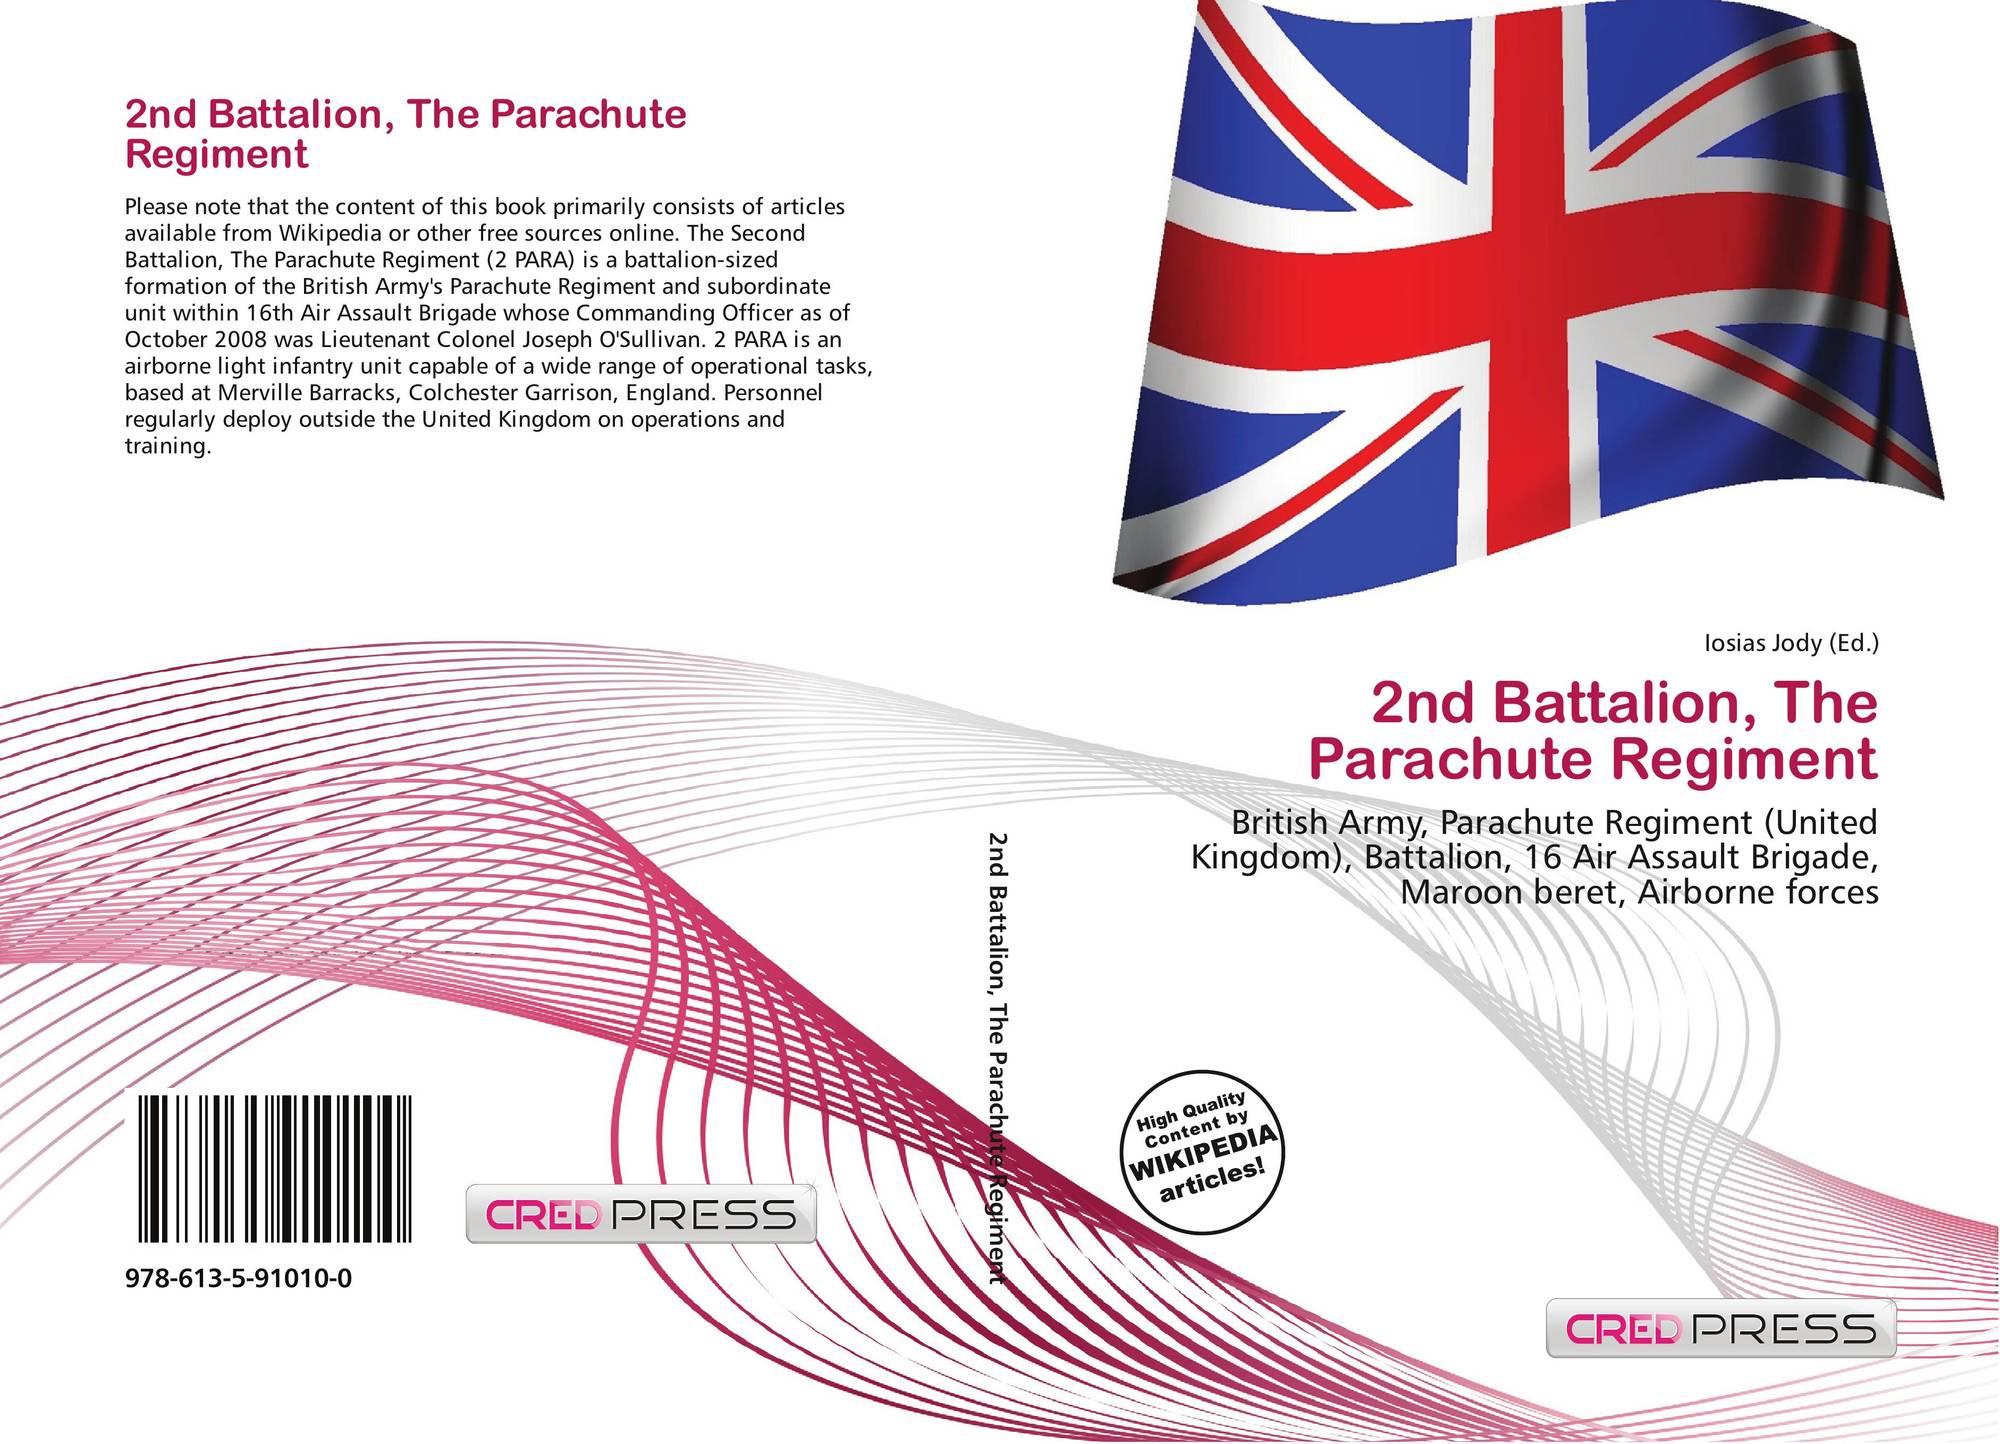 2nd Battalion, The Parachute Regiment, 978-613-5-91010-0